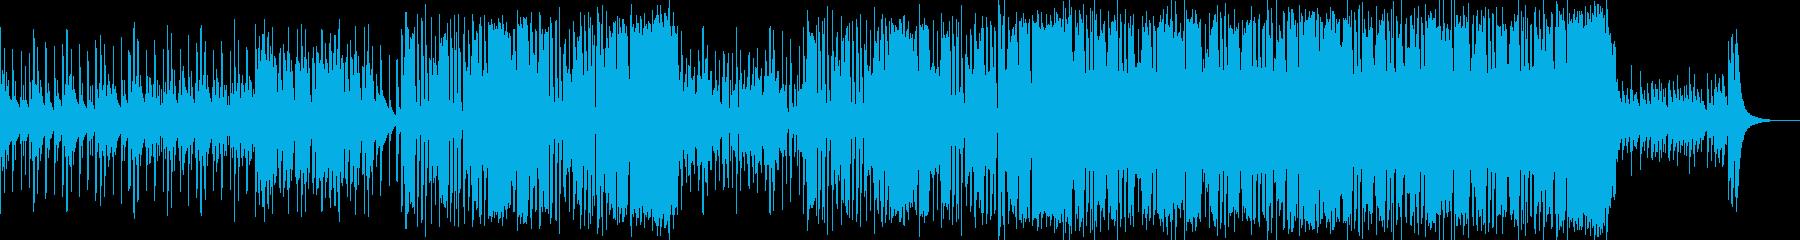 スマートで親しみやすい商品紹介のBGMの再生済みの波形